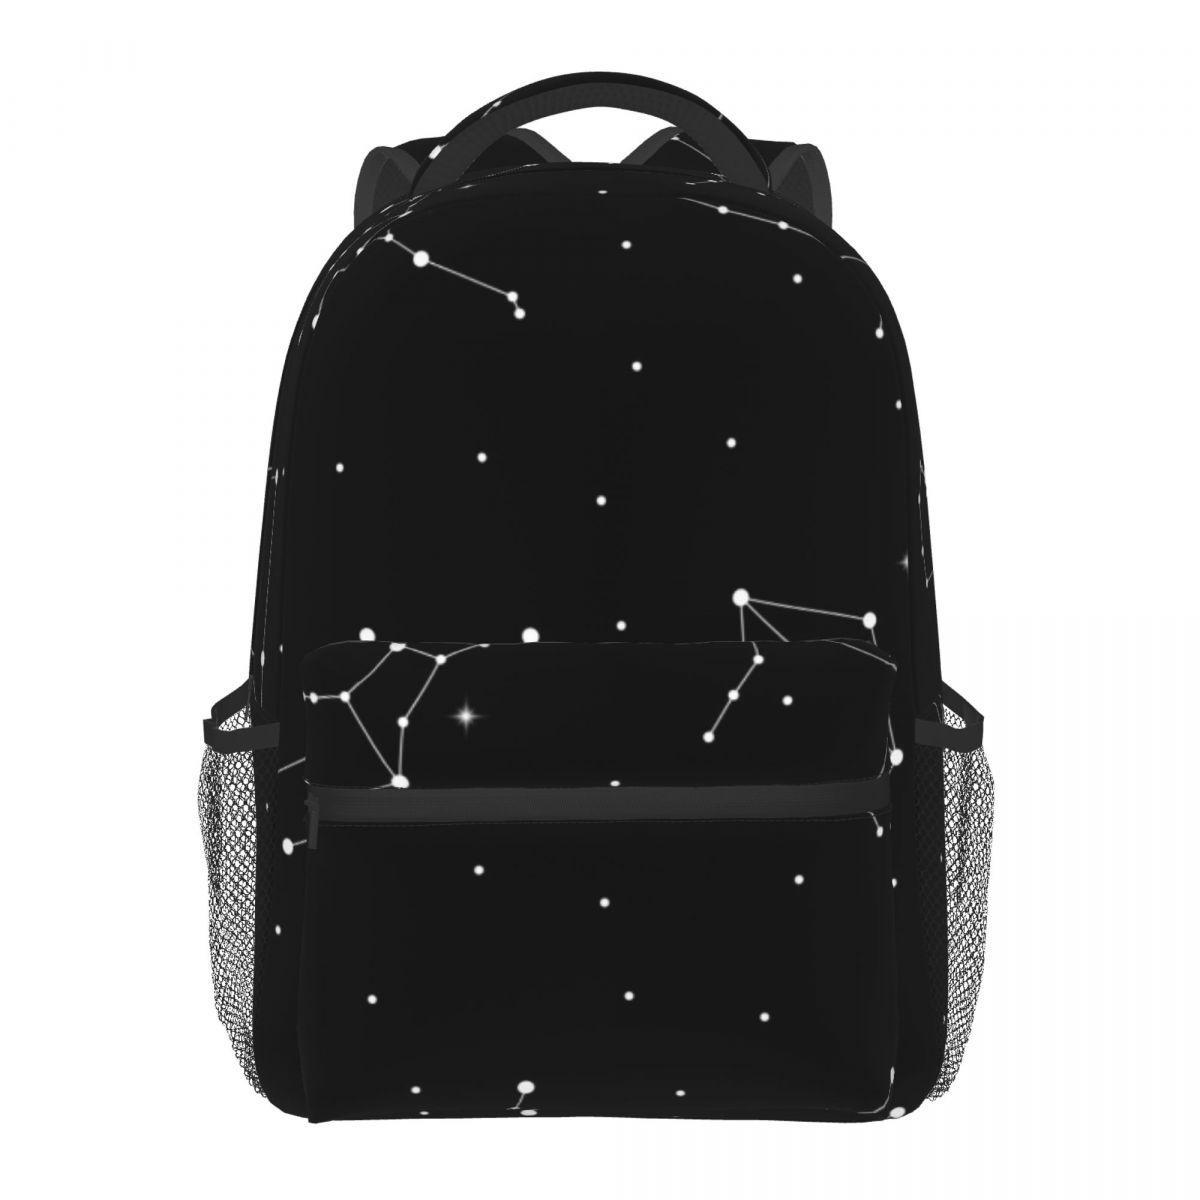 الفلكية كوكبة من علامات زودياك عادية Daypack السفر حقيبة مدرسية مع جيوب للنساء كلية